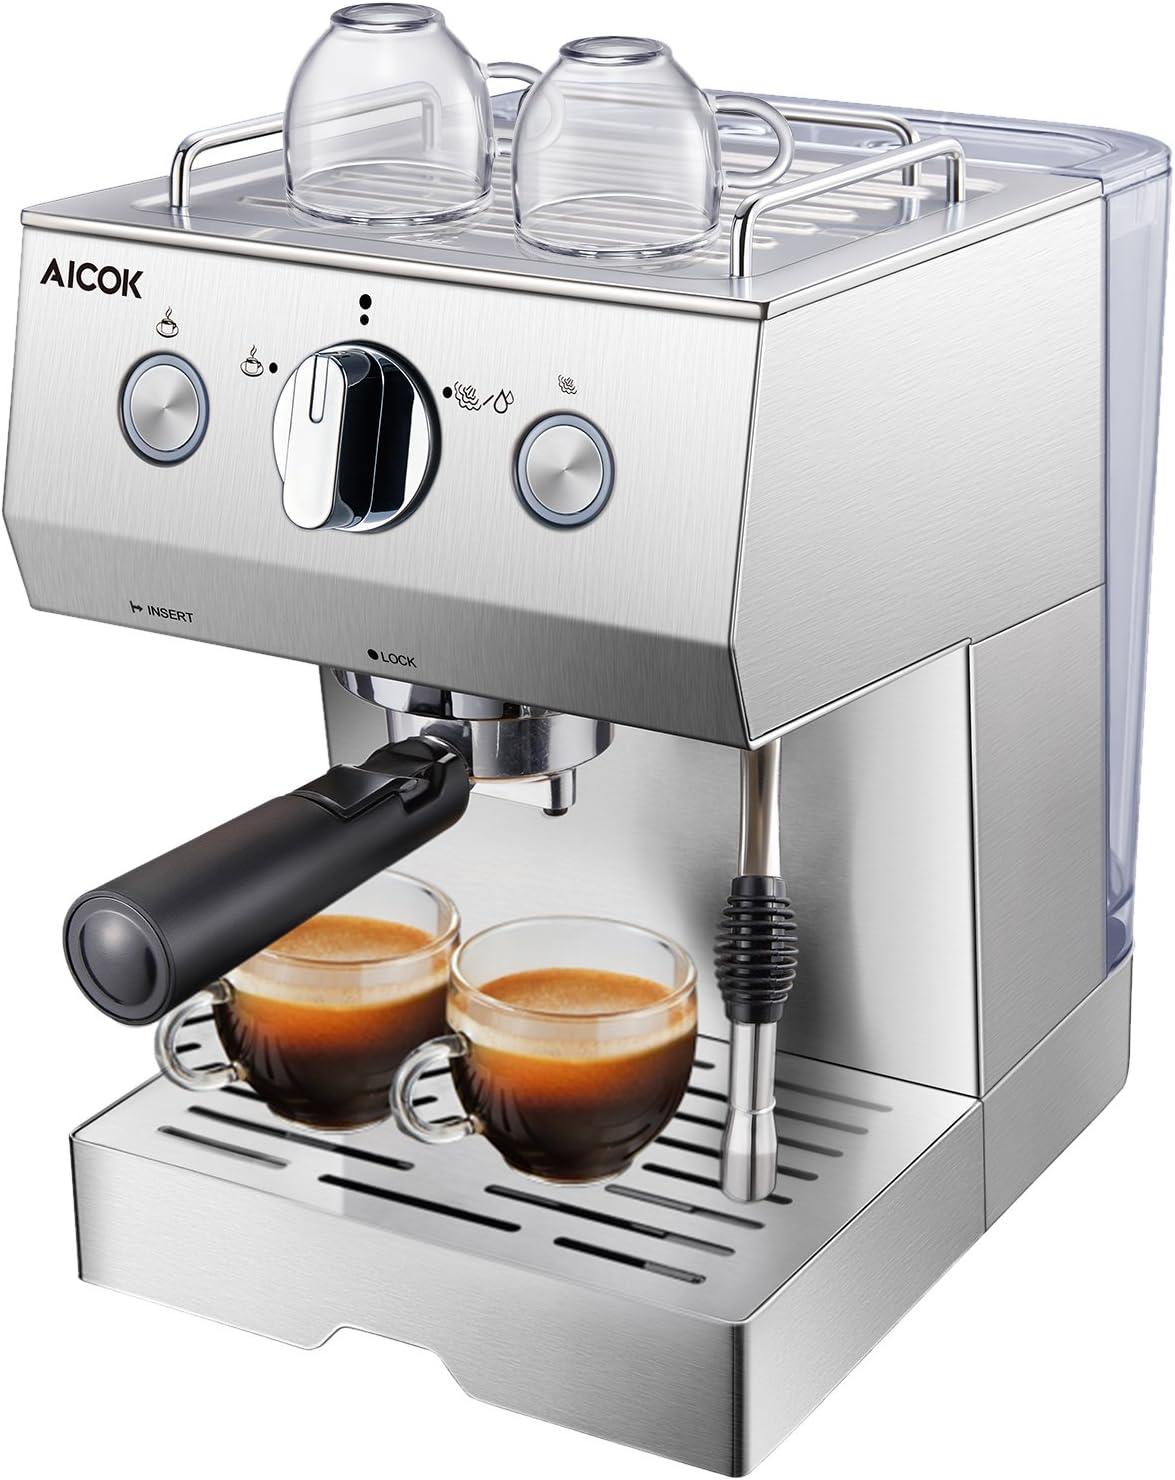 AICOK Cafetera Espresso, 1140W, Depósito extraíble de 1,5 l, 20 Bares, Doble opción de preparación de café: Sistema tradicional de café molido, Boquilla de Espuma de ...